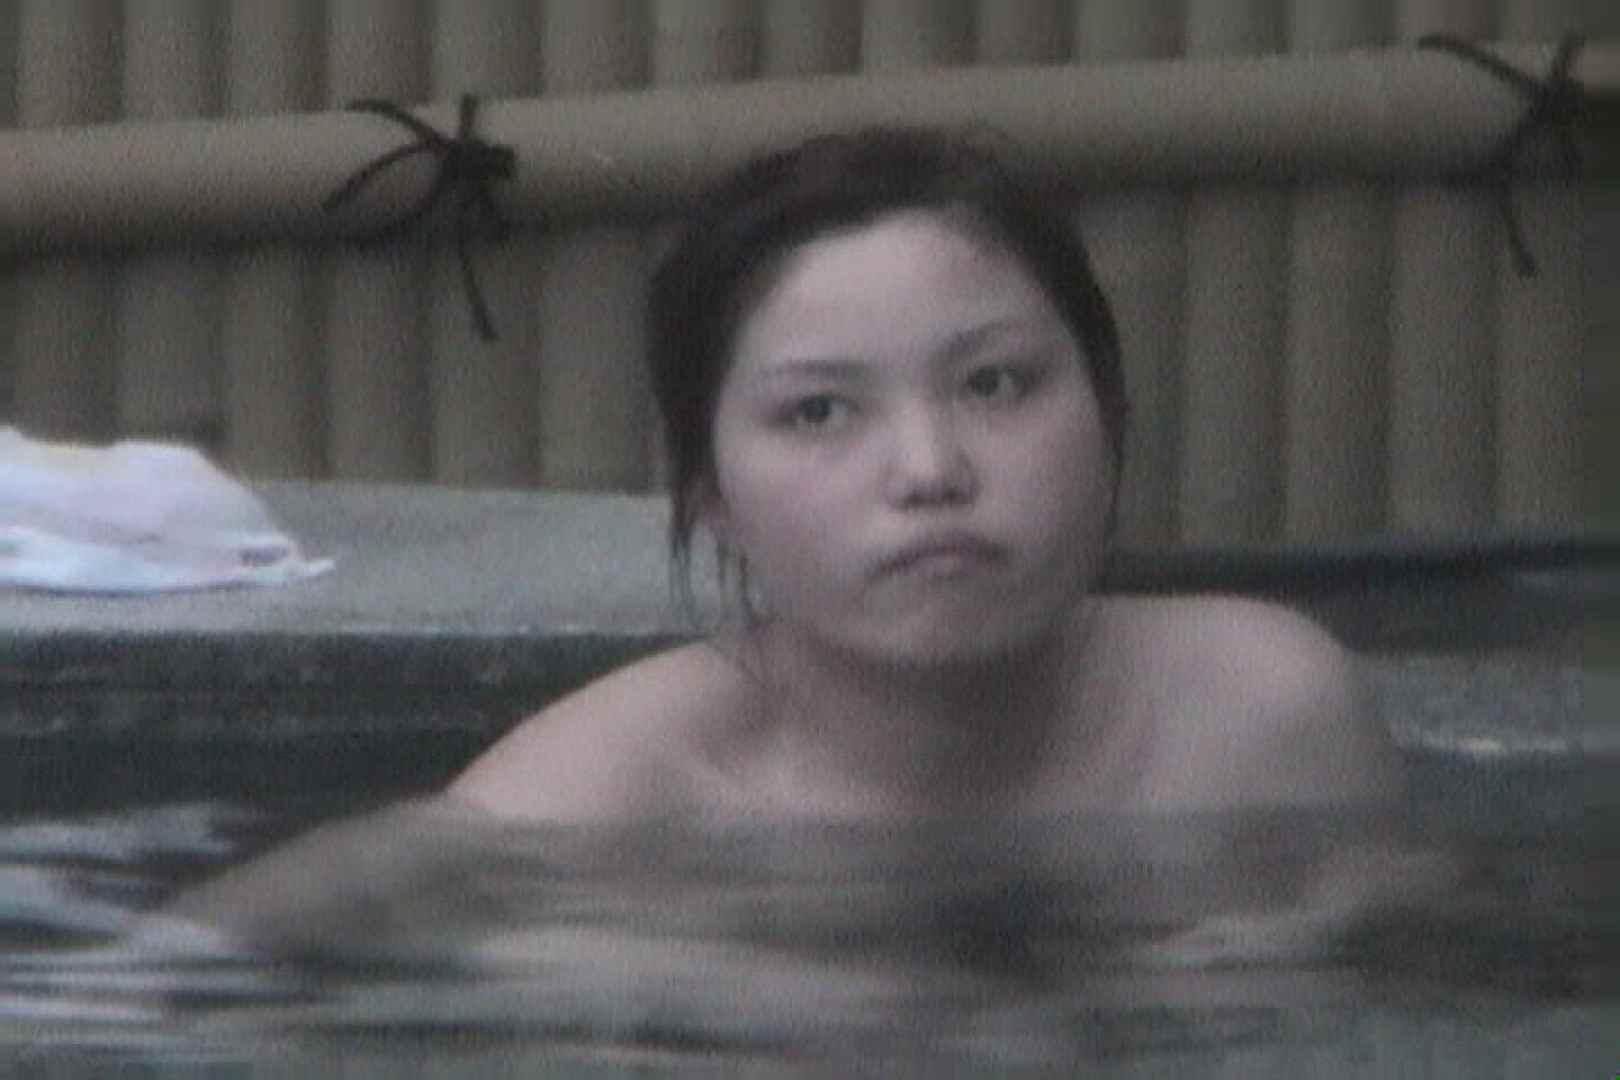 Aquaな露天風呂Vol.602 盗撮師作品 | 美しいOLの裸体  98pic 73